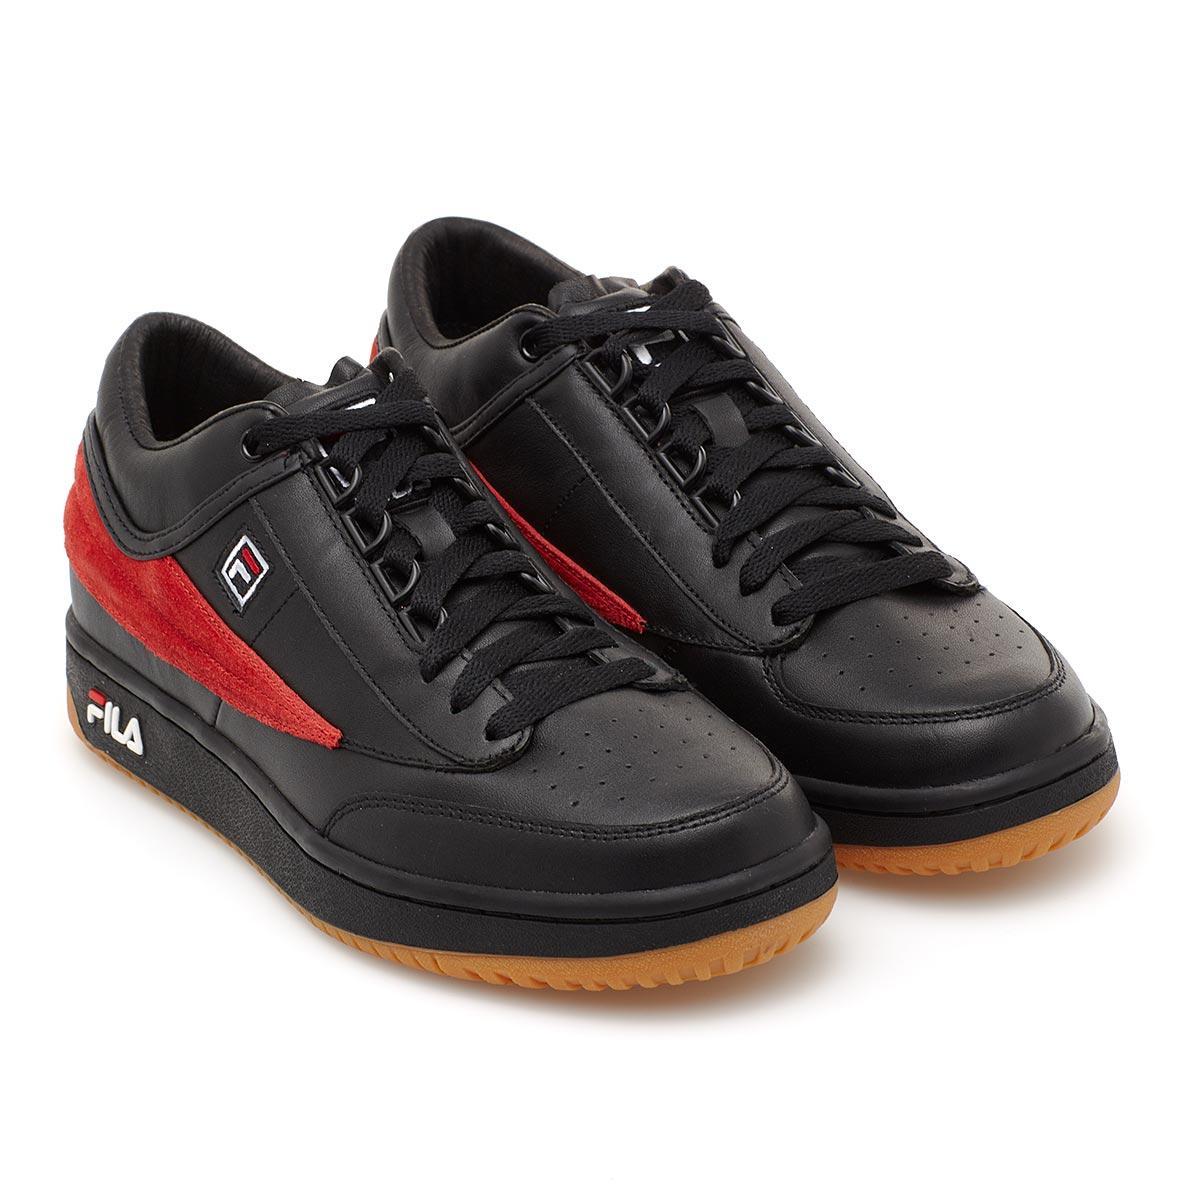 Lyst - Gosha rubchinskiy X Fila T-1 Sneakers in Black for Men